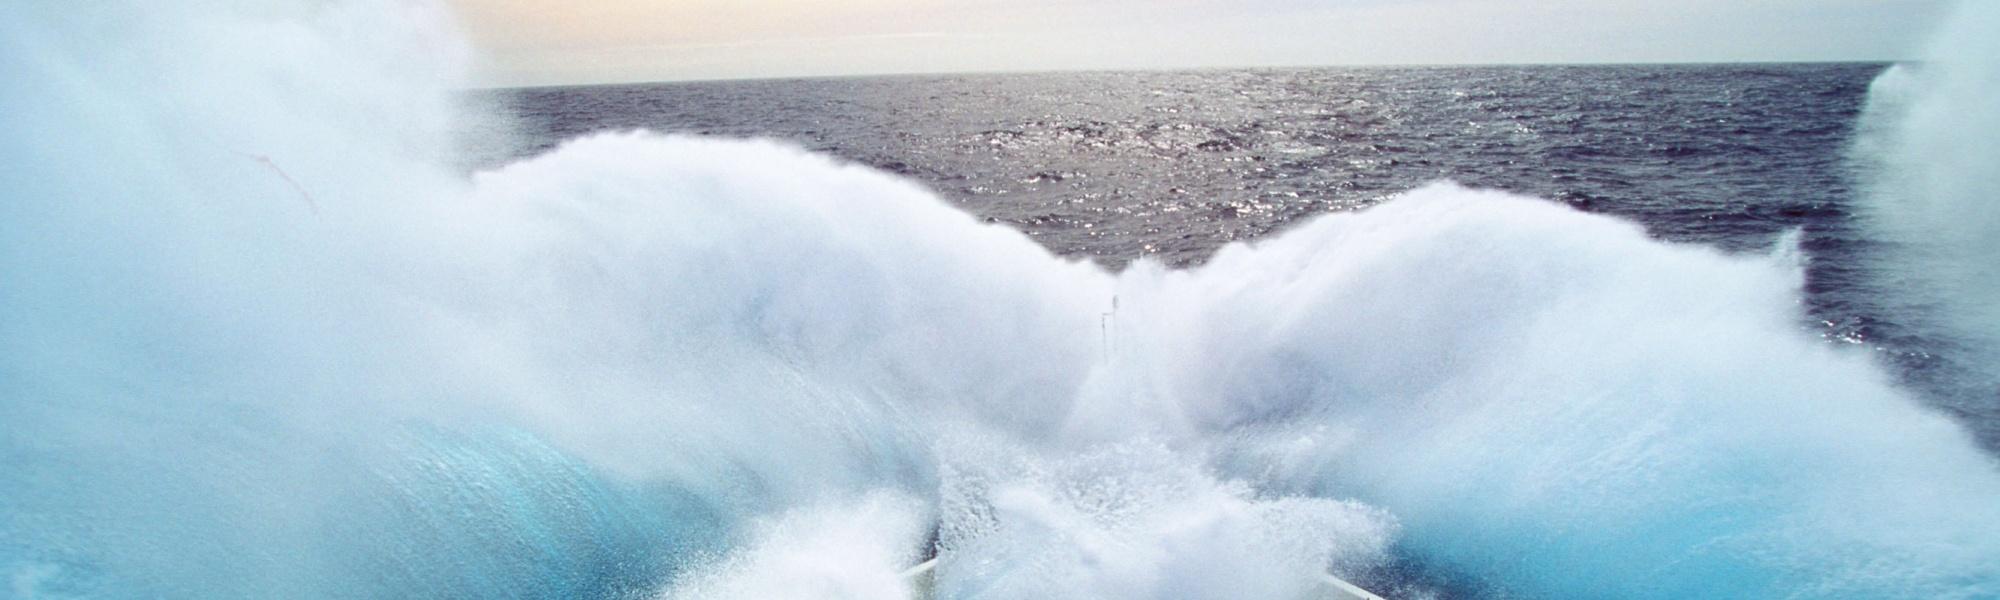 waves-bg-416161-edited.jpg